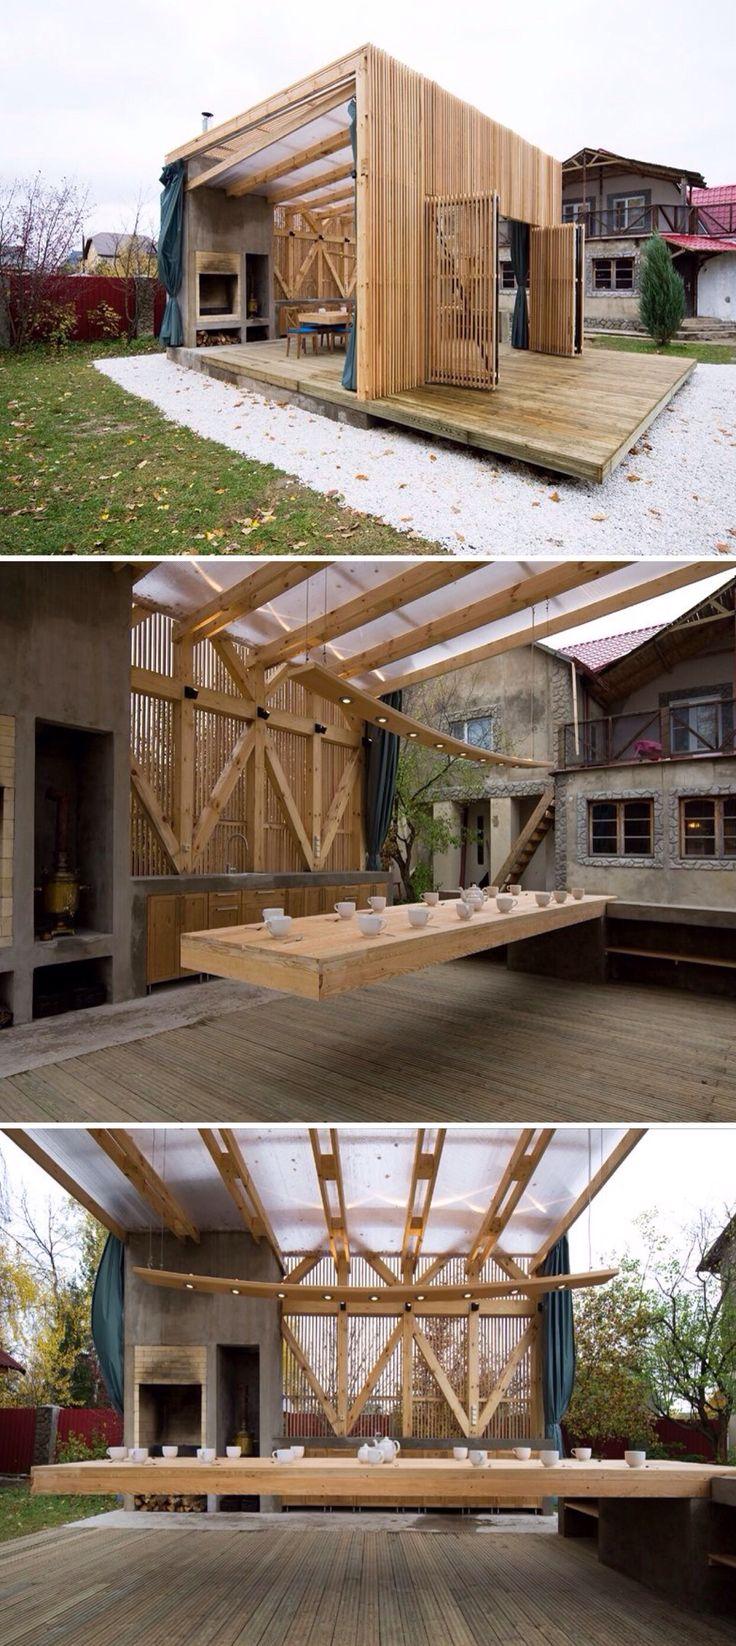 The Arbor / Kerimov + Prishin Architects